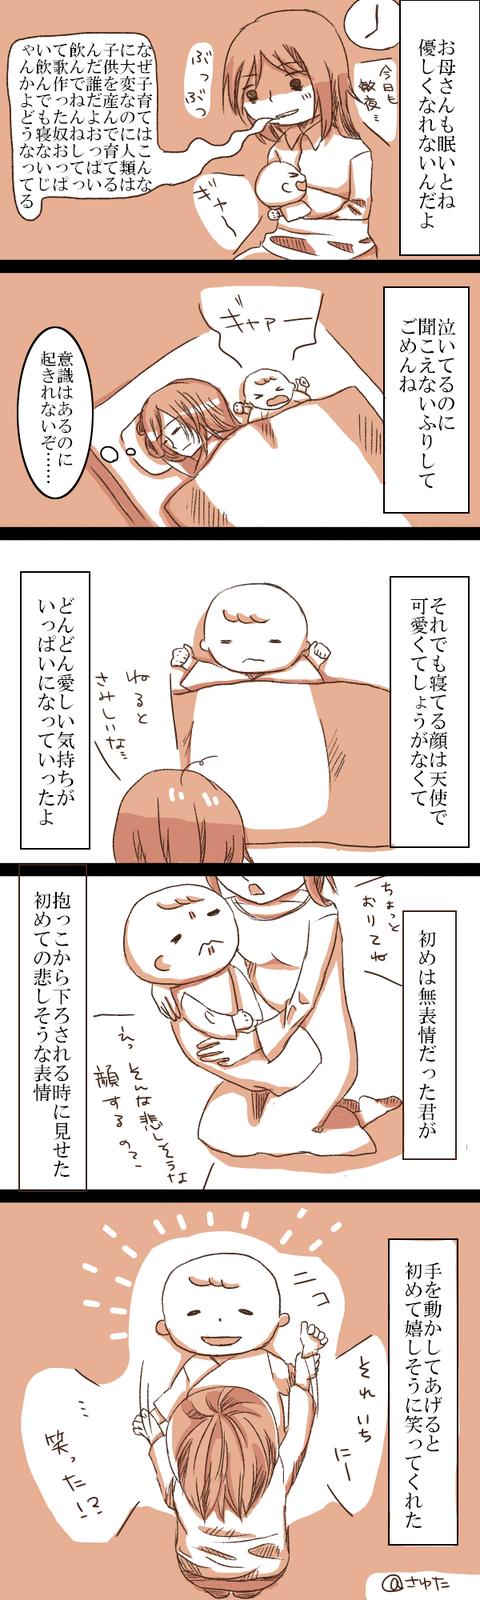 むすめ51-2